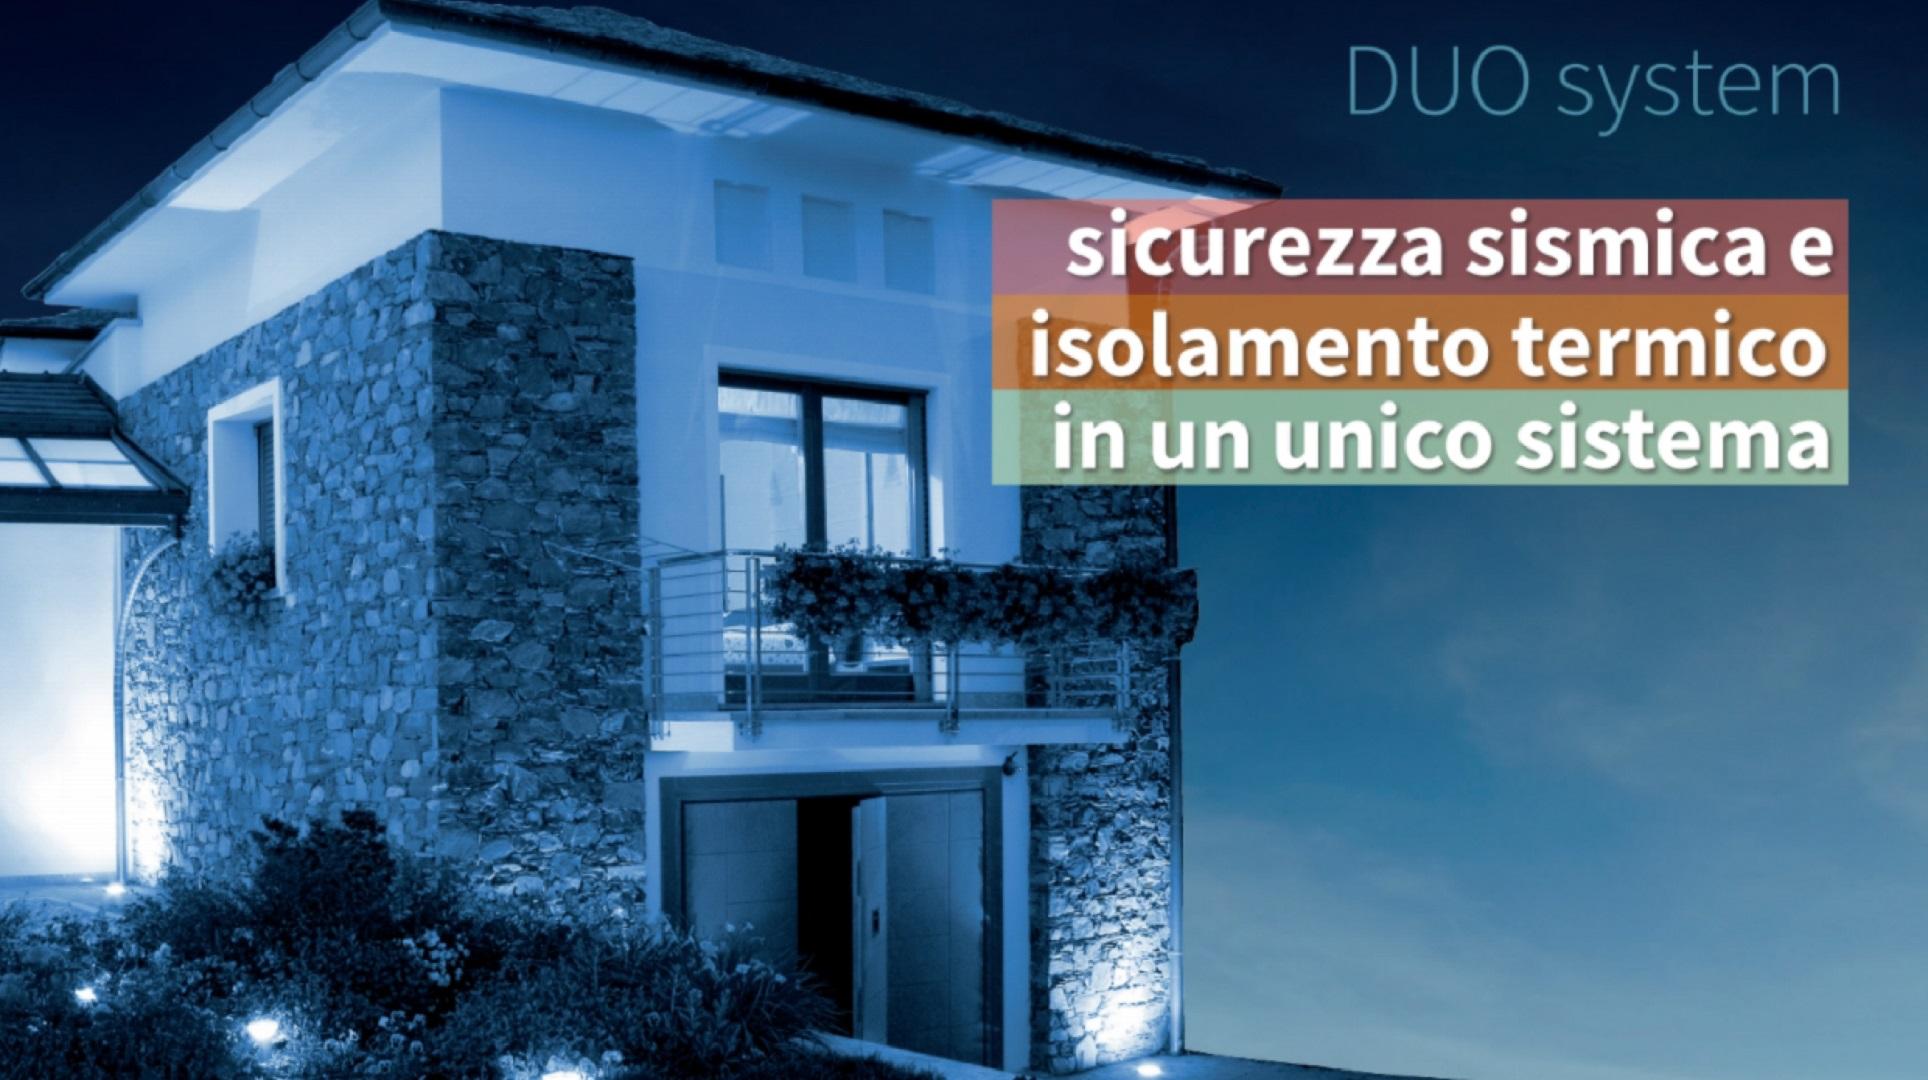 DuoSystem-cappotto-sismico-termico